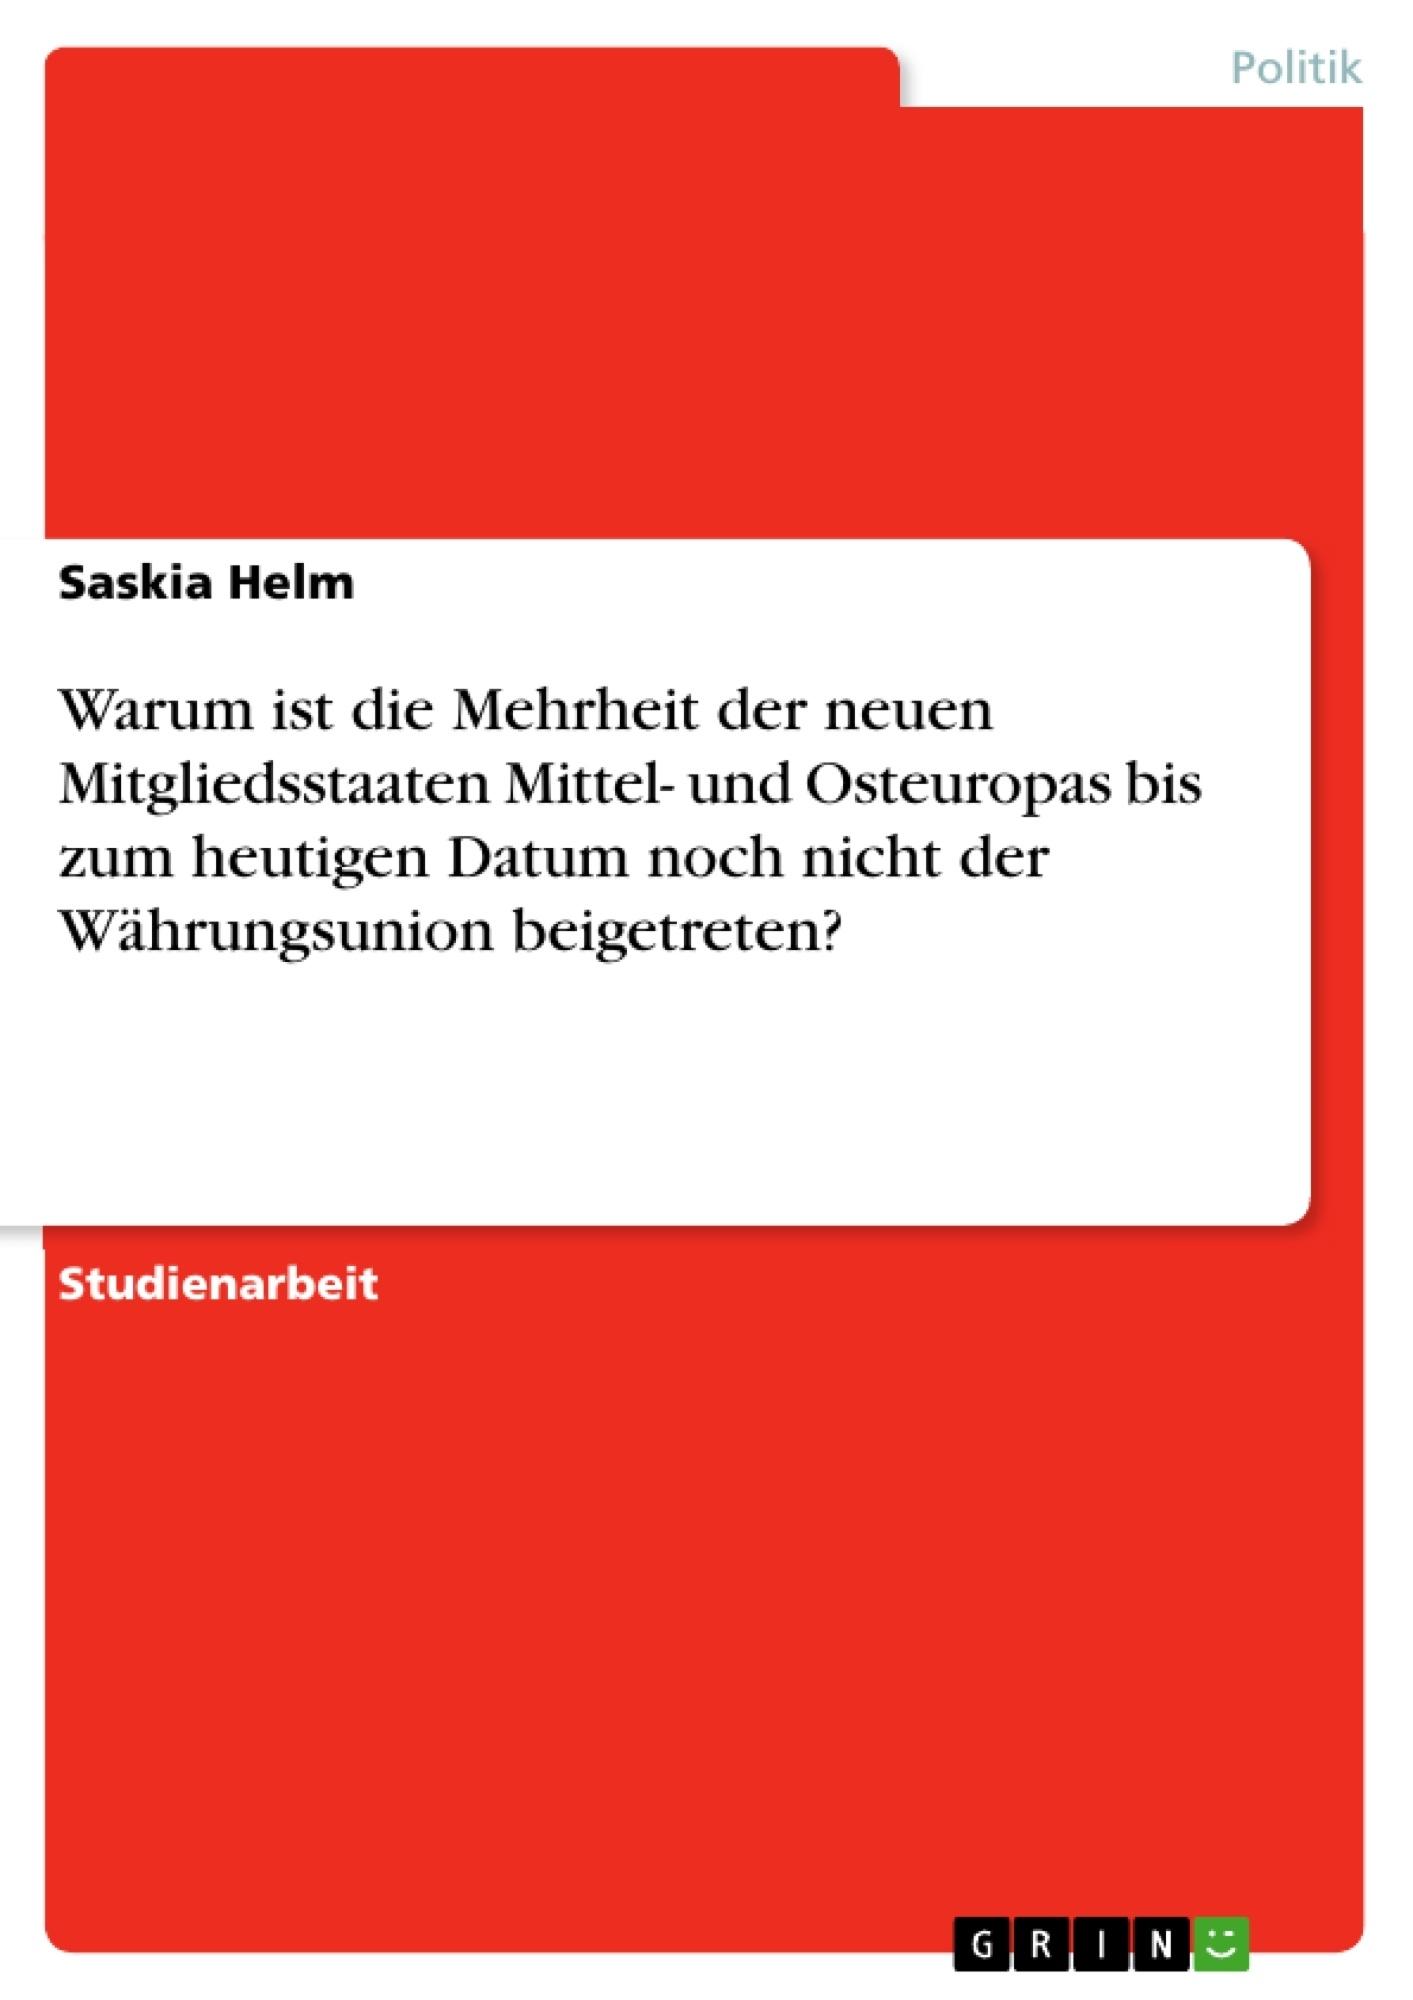 Titel: Warum ist die Mehrheit der neuen Mitgliedsstaaten Mittel- und Osteuropas bis zum heutigen Datum noch nicht der Währungsunion beigetreten?